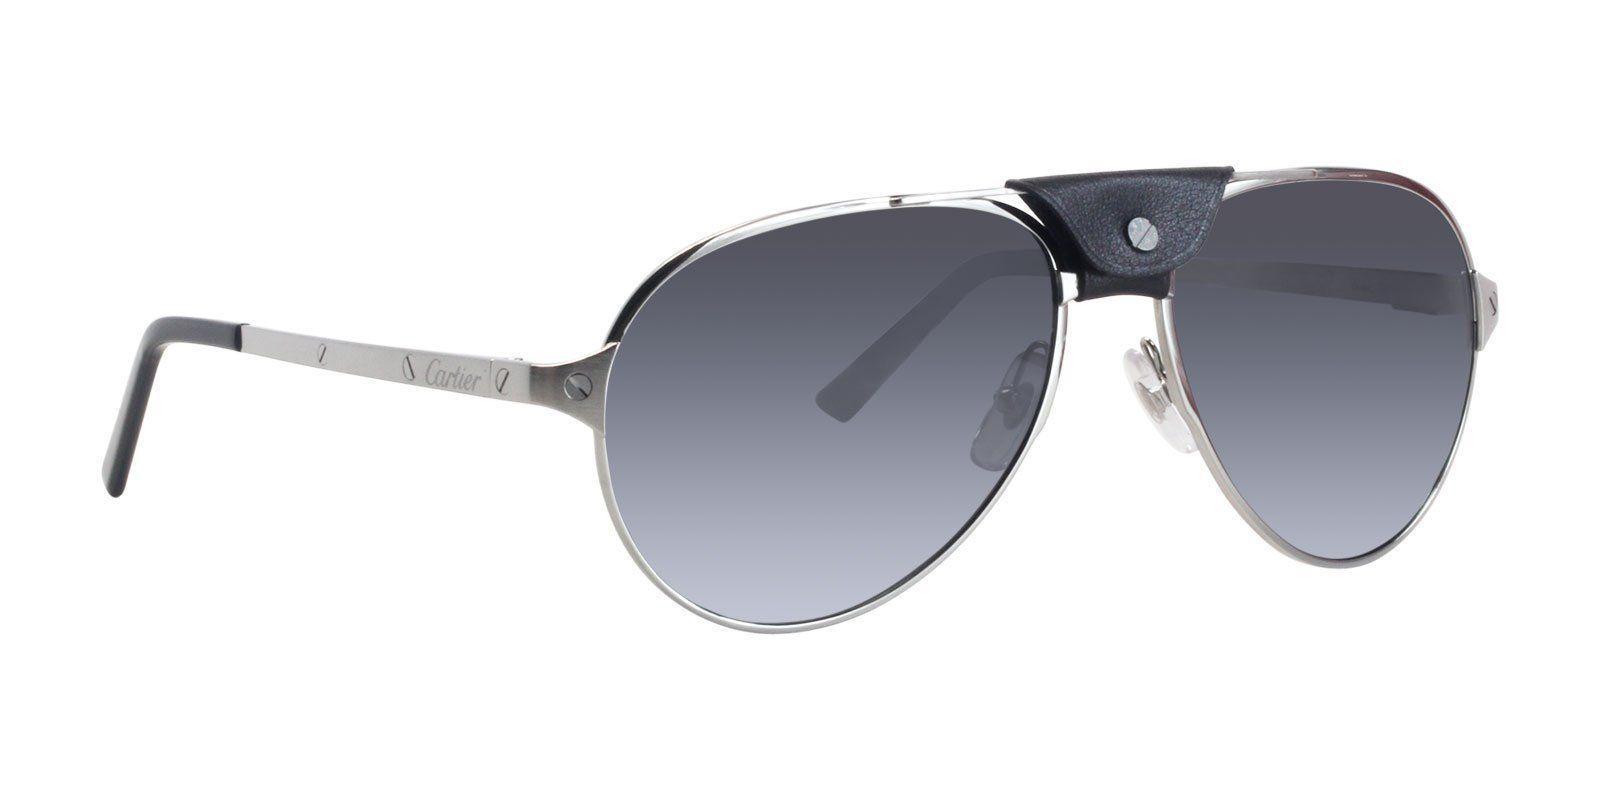 404cc964cc8 Cartier - Santos de Cartier CT0034S - 001 sunglasses